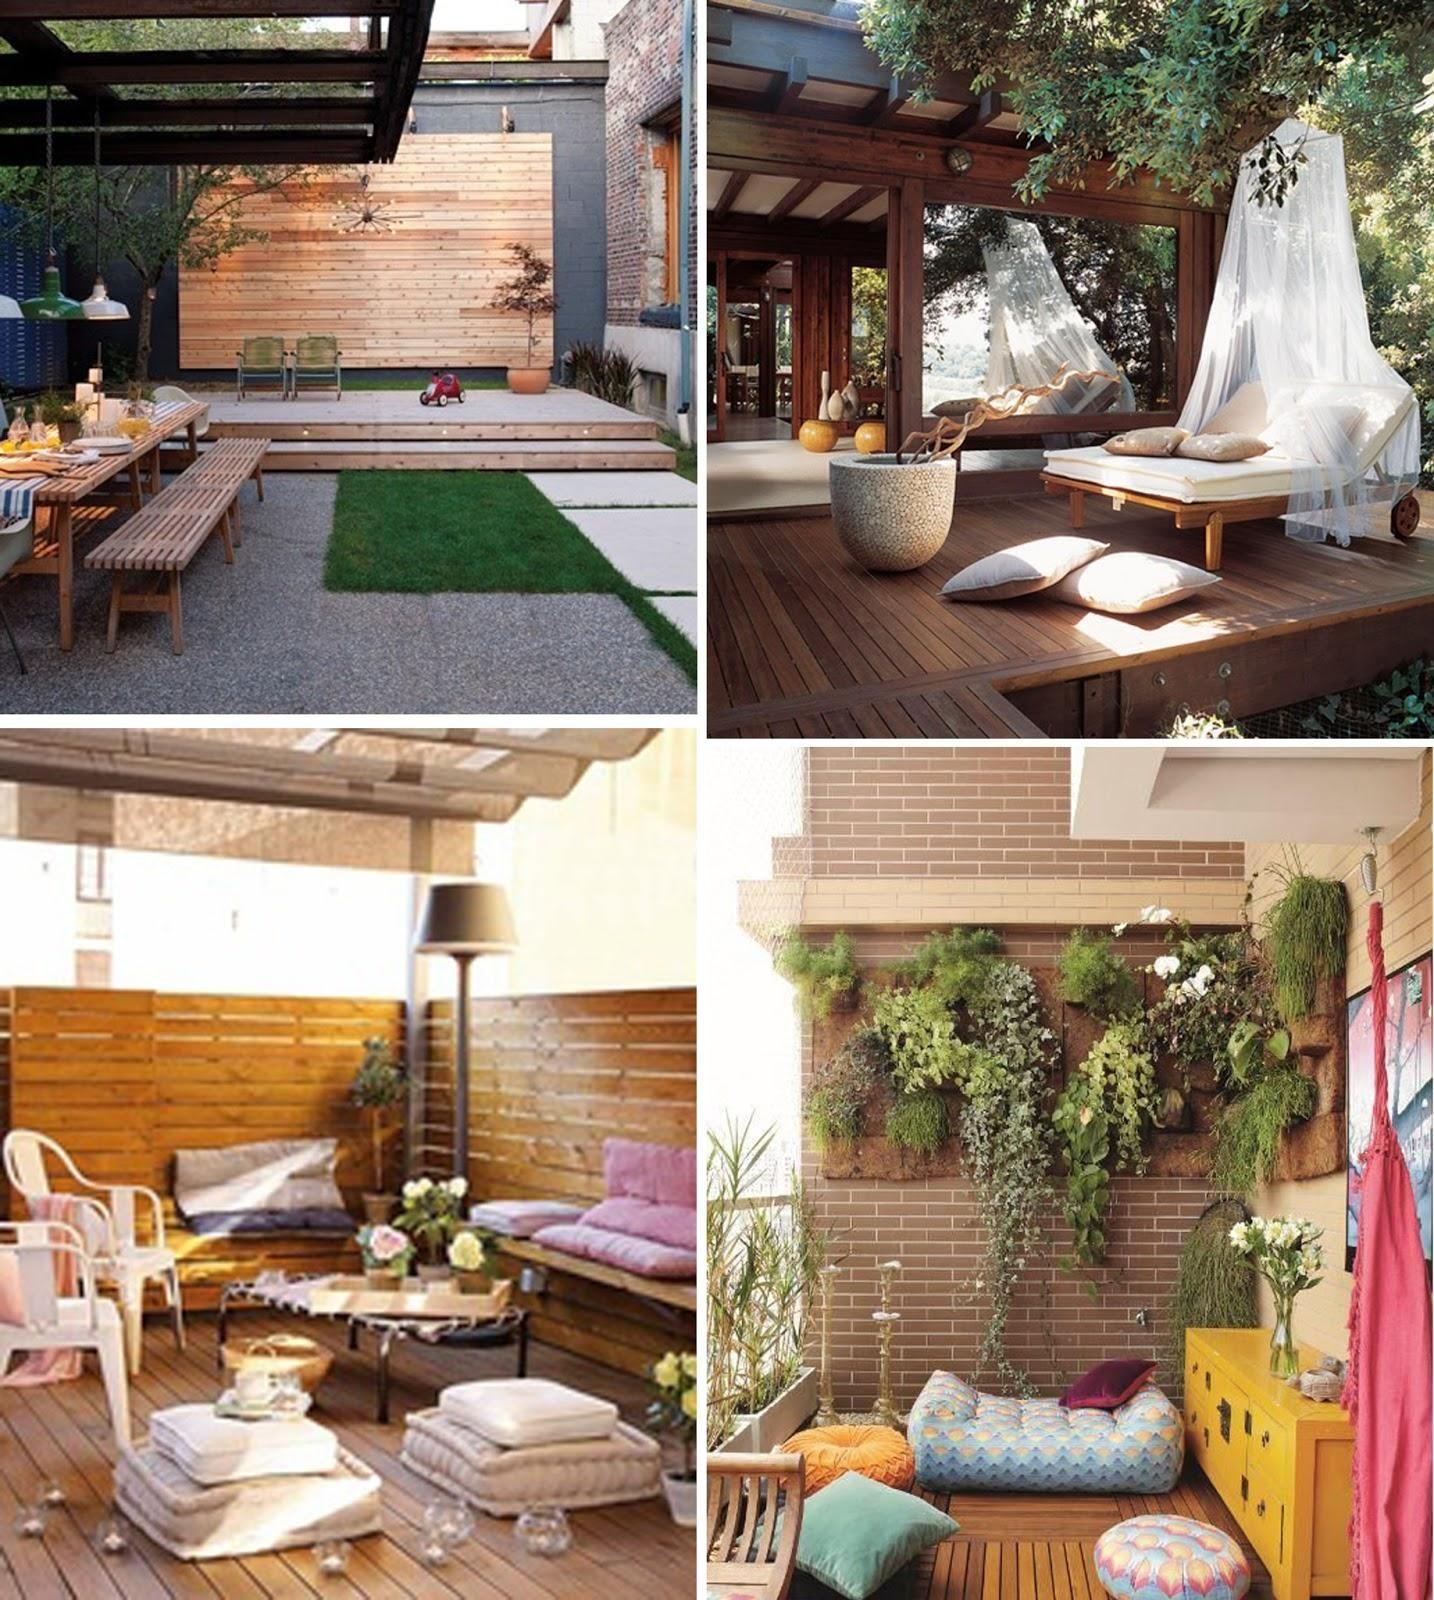 Decoración jardines y terrazas | Diseño exterior, Terrazas y Buscar ...